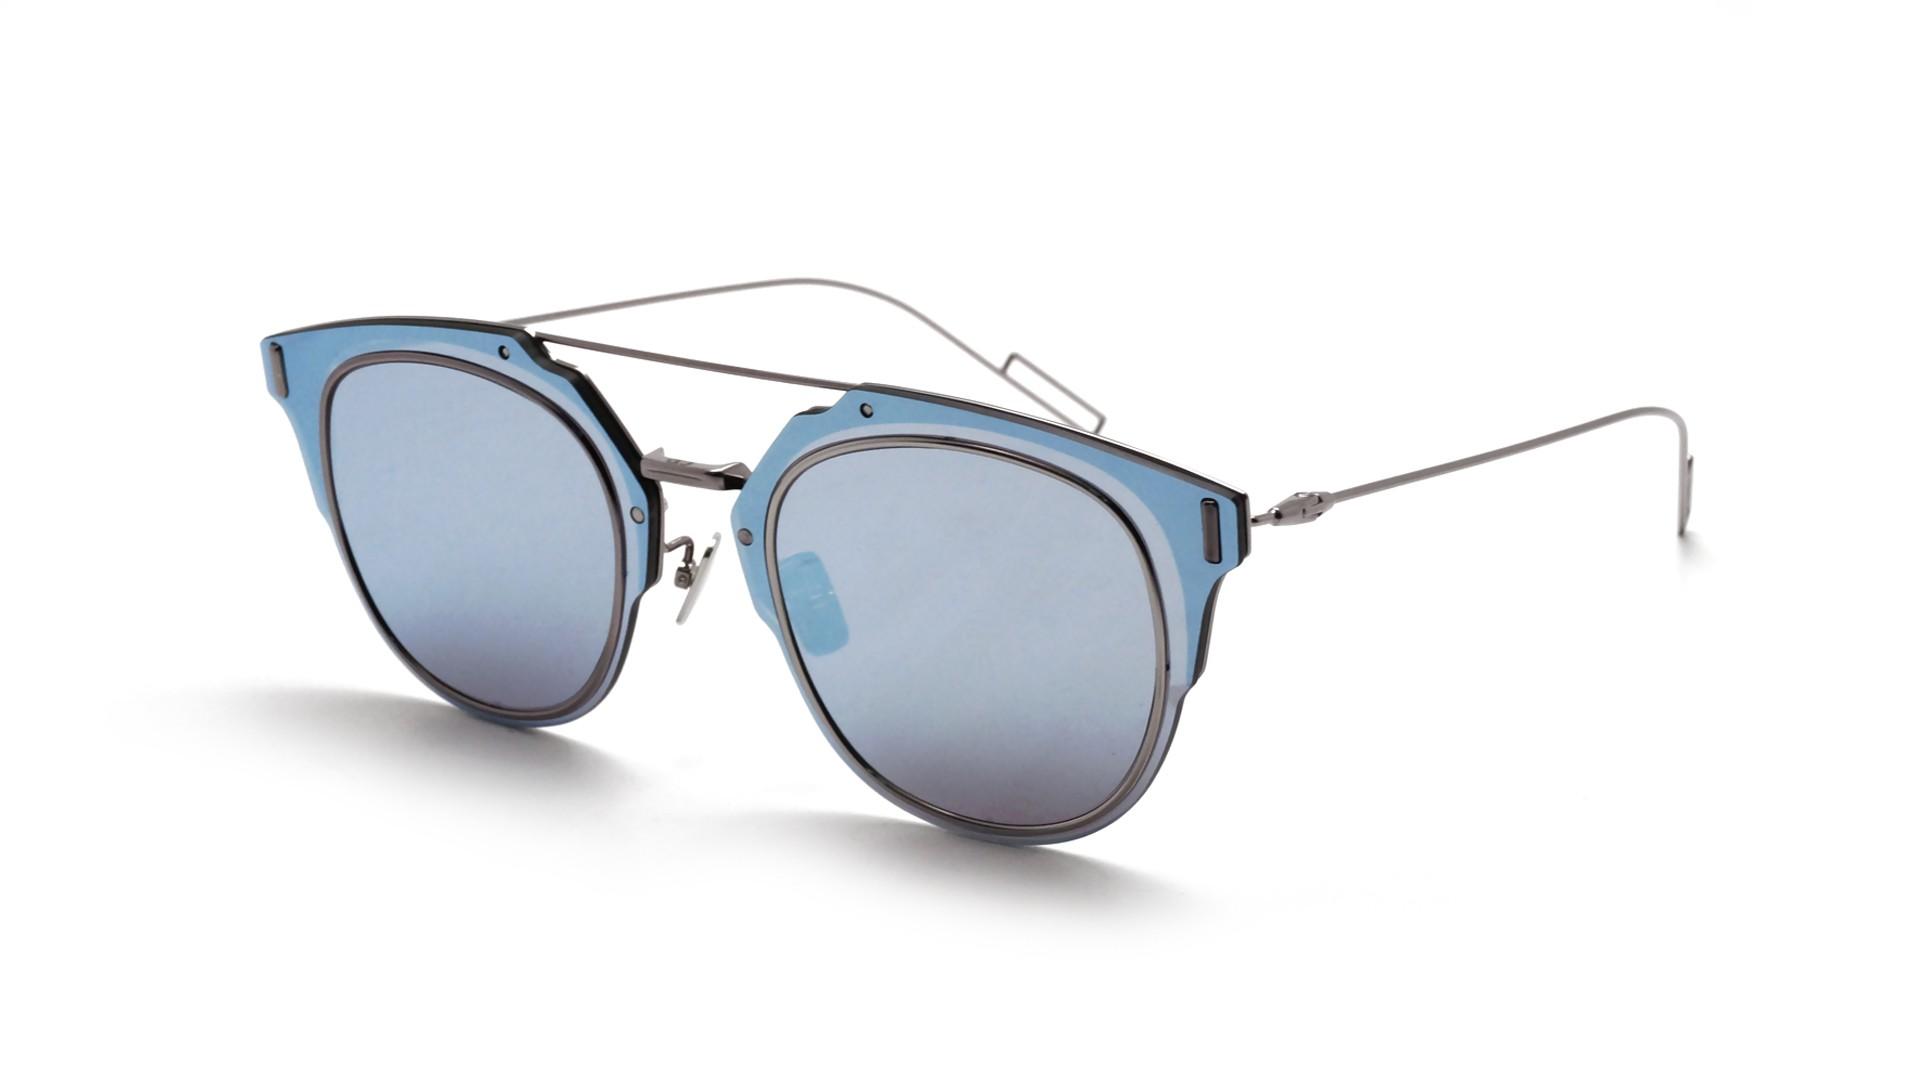 d37a56cc42 Lunettes de soleil Dior Composit Bleu 1.0 6LBA4 62-12 Large Miroirs